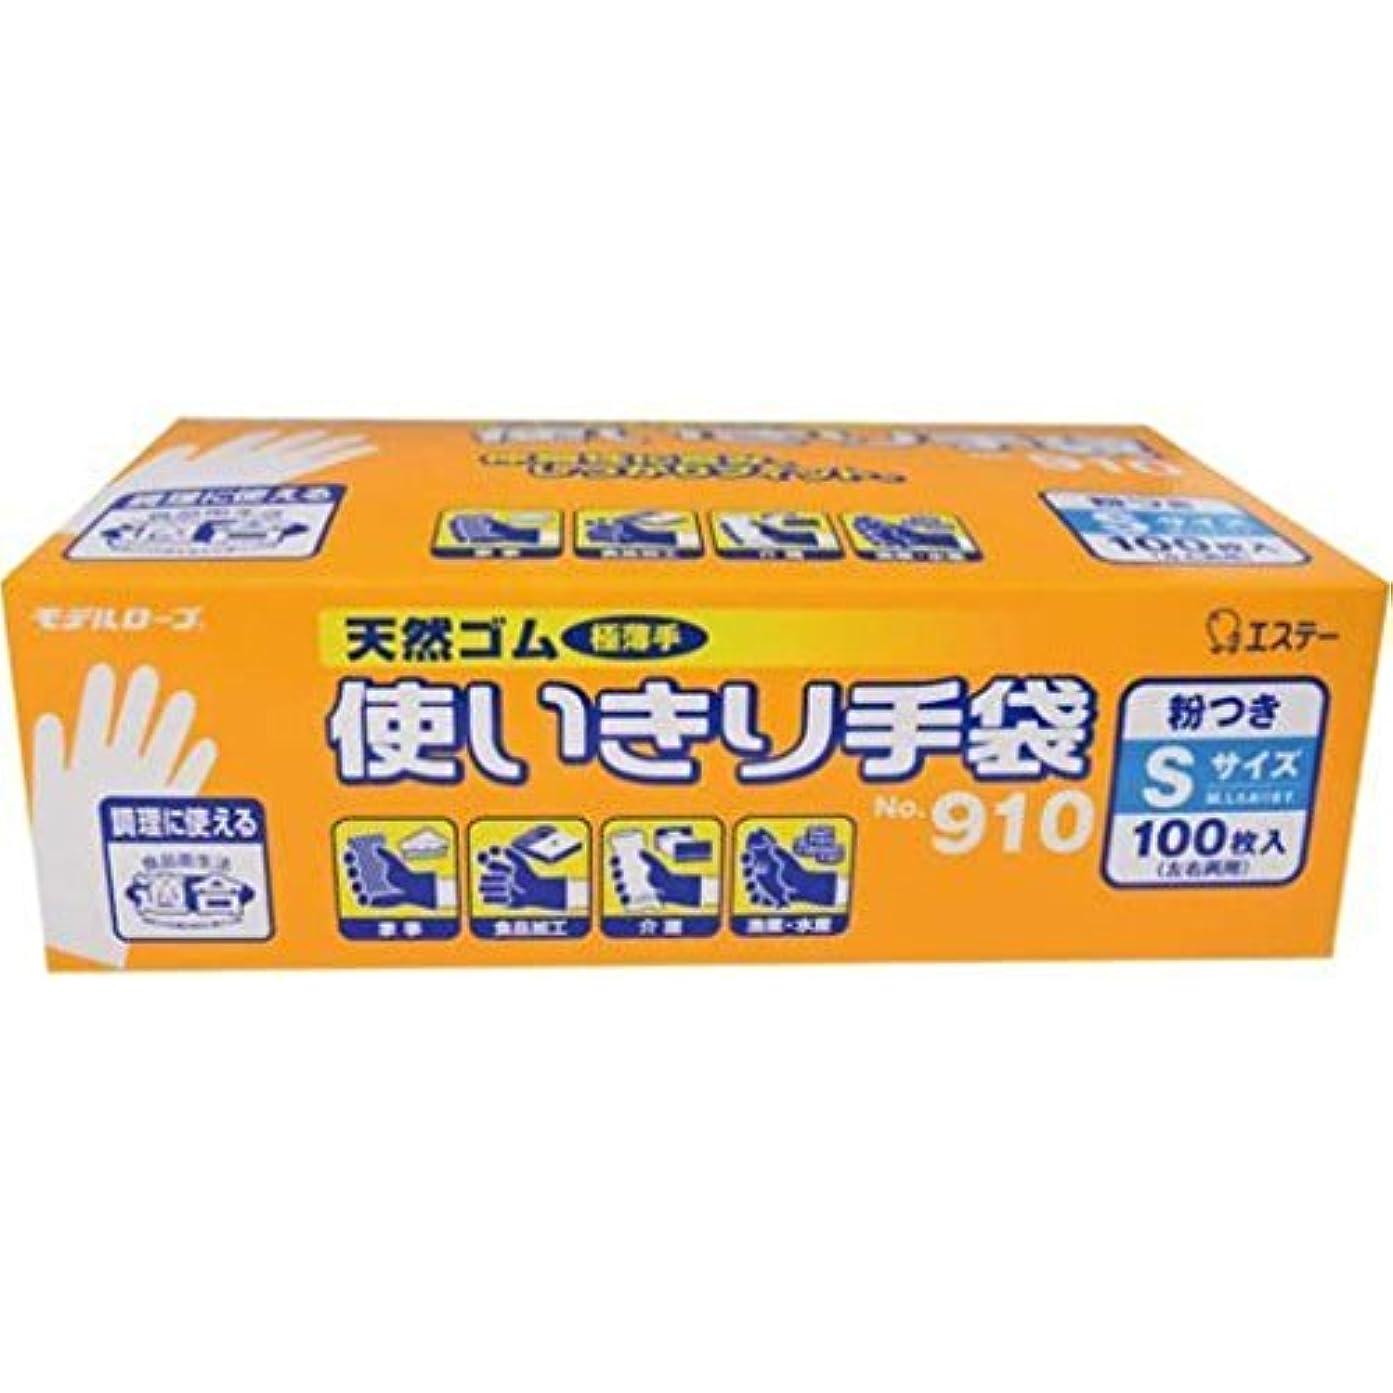 アサーバズ商人(まとめ買い)エステー 天然ゴム使い切り手袋 No.910 S 【×3セット】